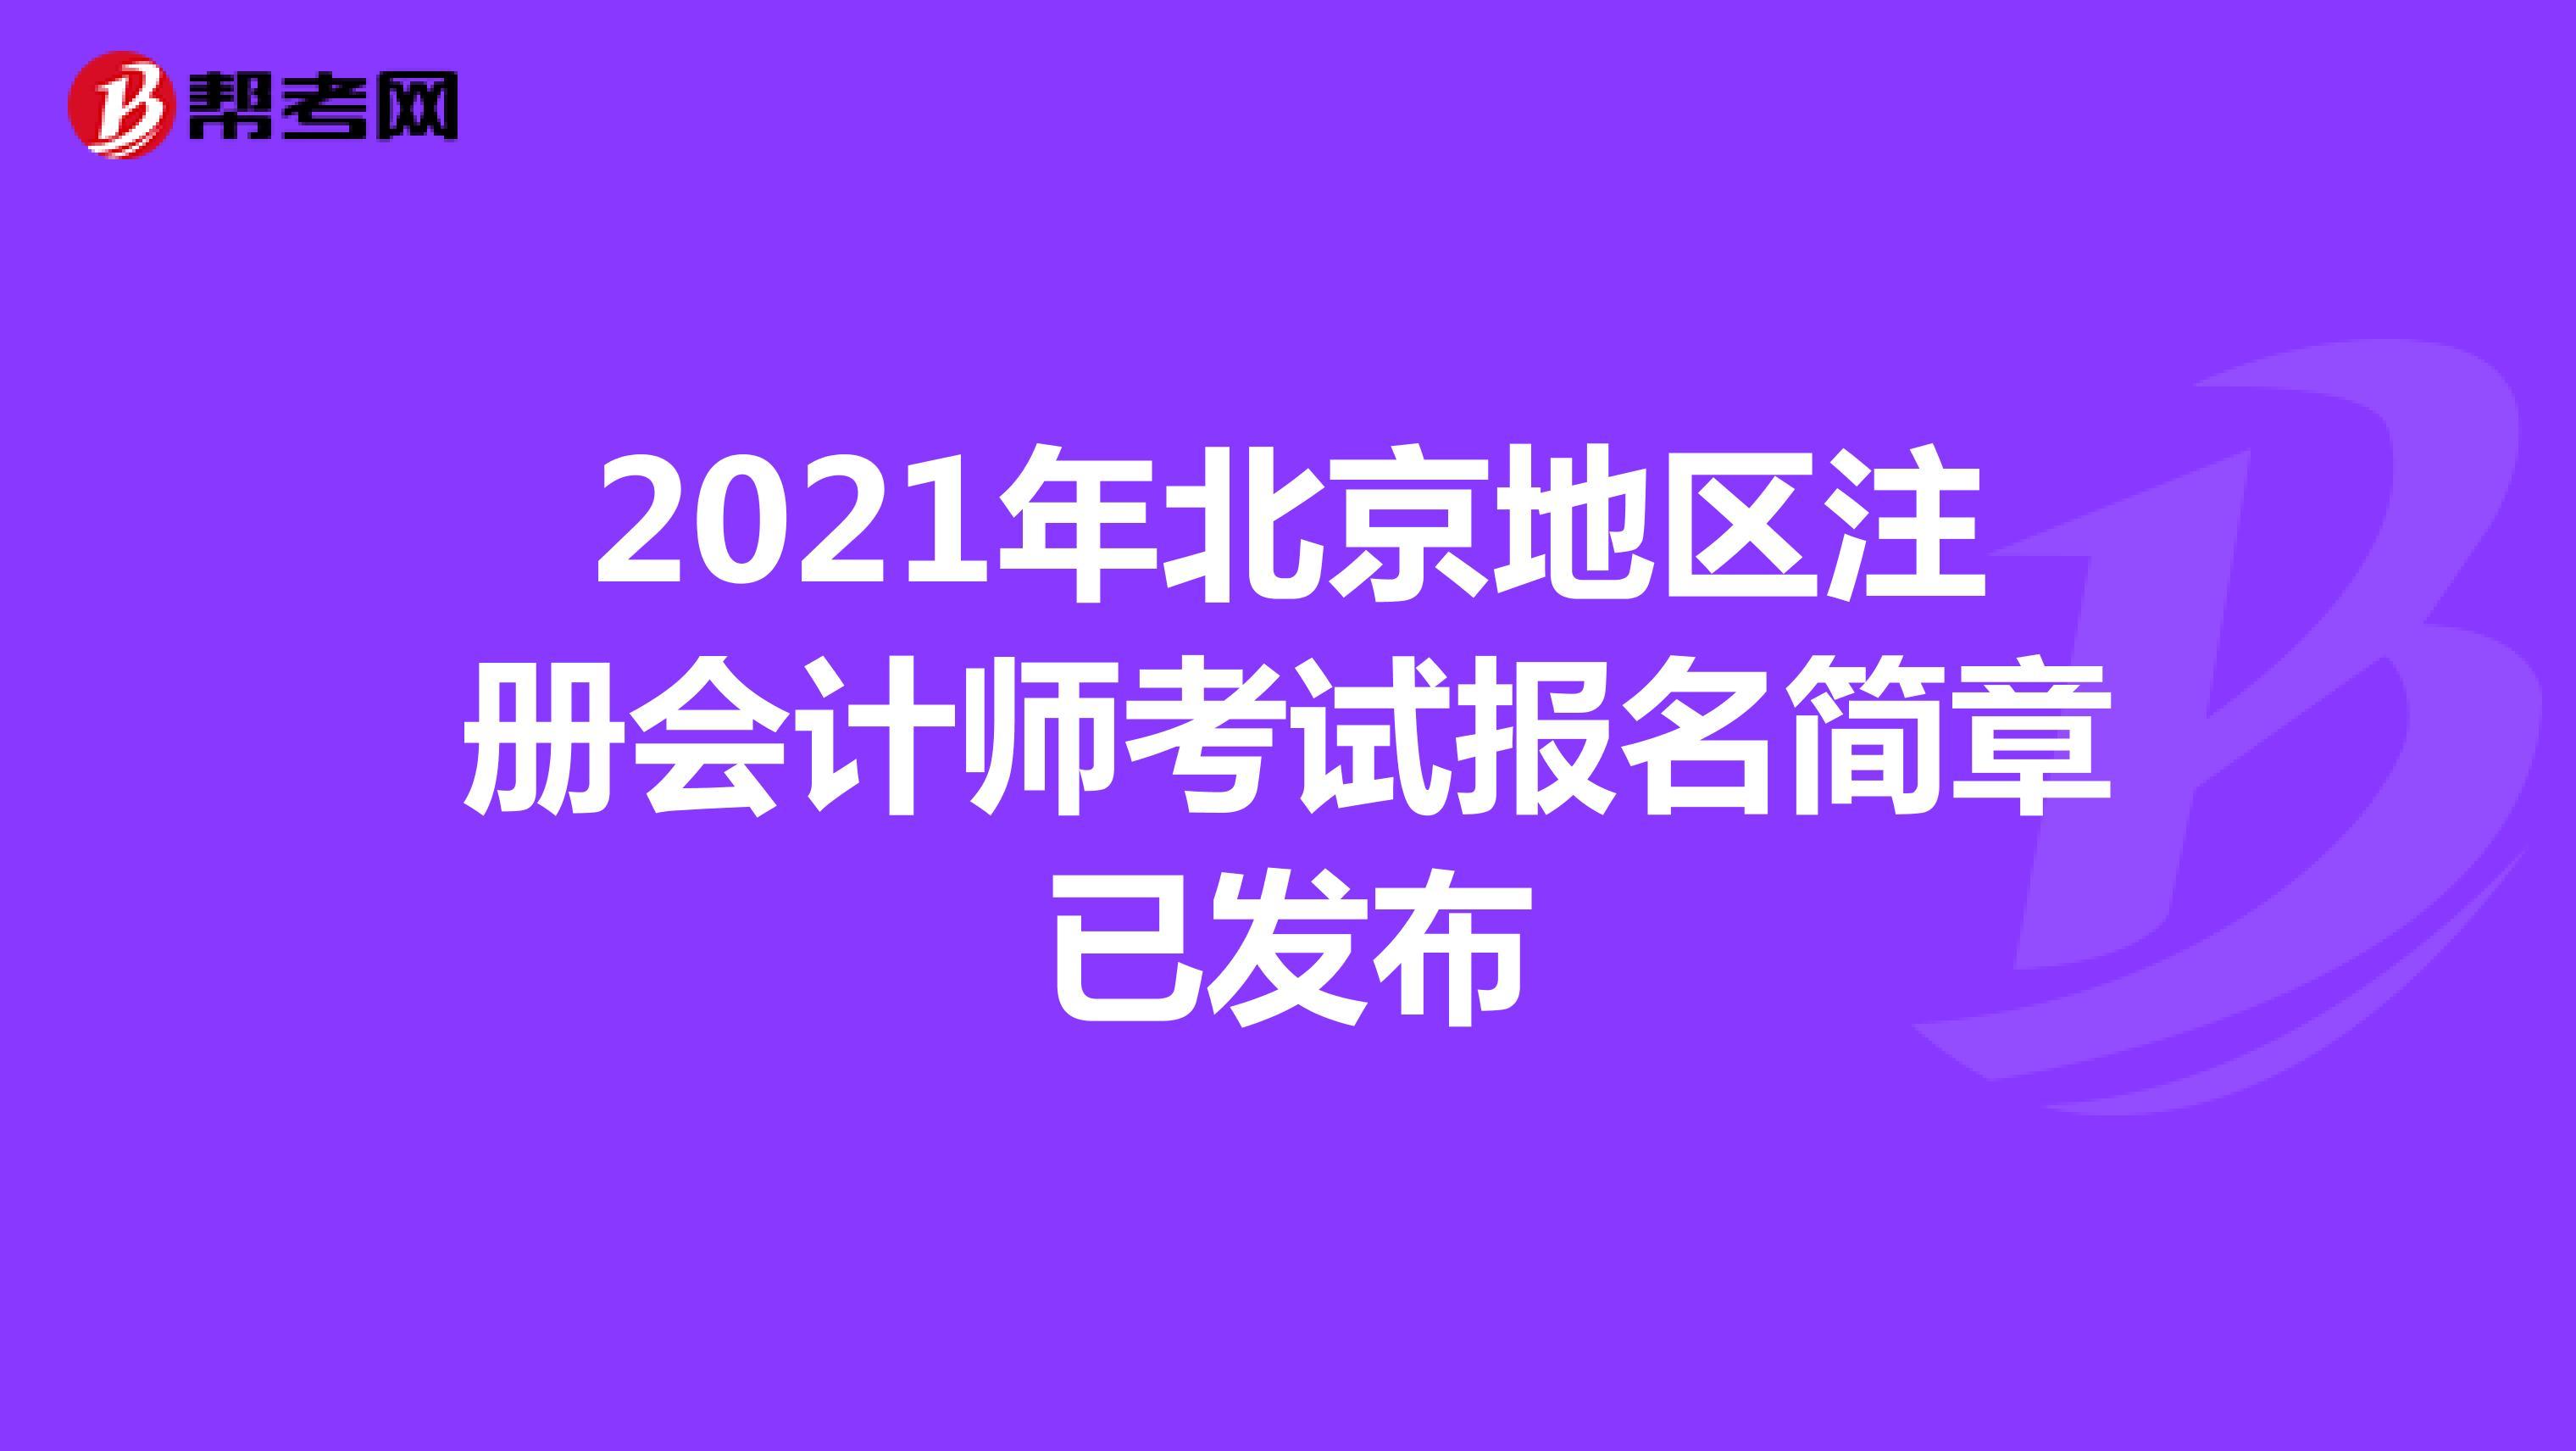 2021年北京地区【hot88热竞技提款】注册会计师考试报名简章已发布